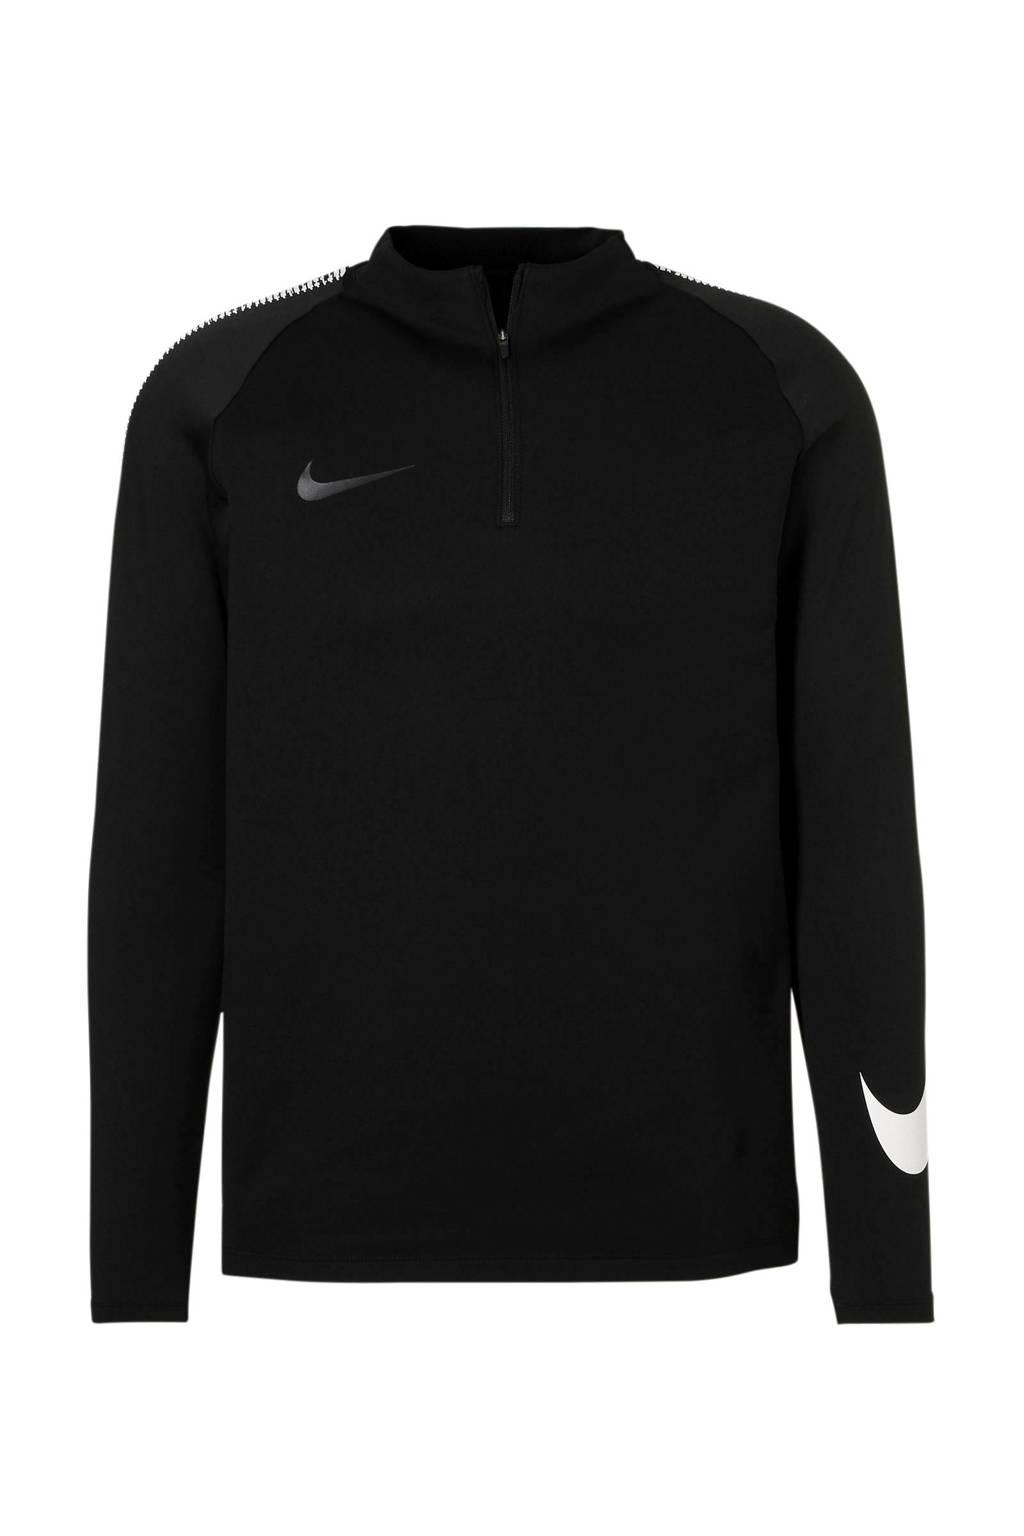 Nike Senior  voetbalshirt, Zwart/wit